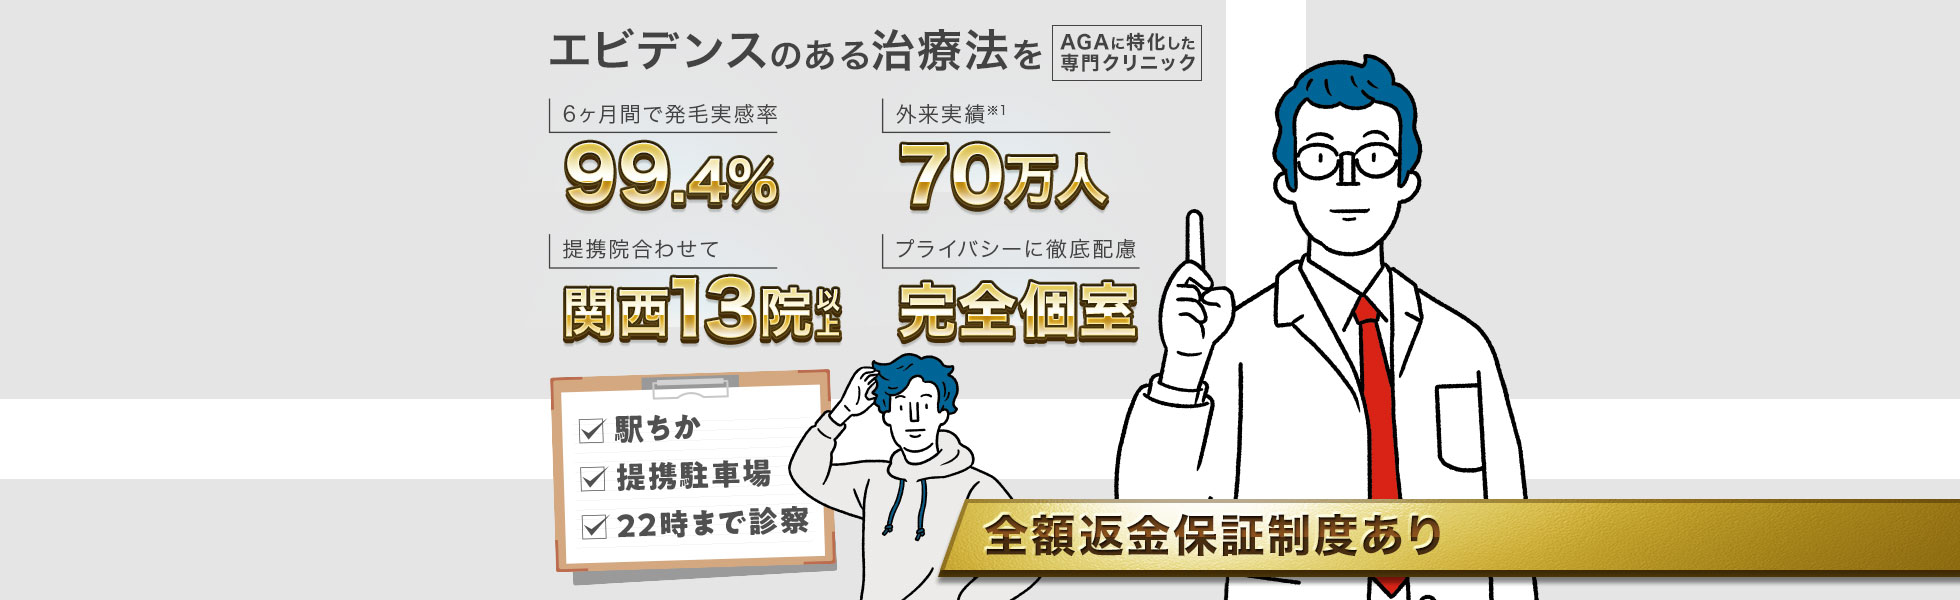 1、AGAスキンクリニック【高校生や10代にもおすすめ!】